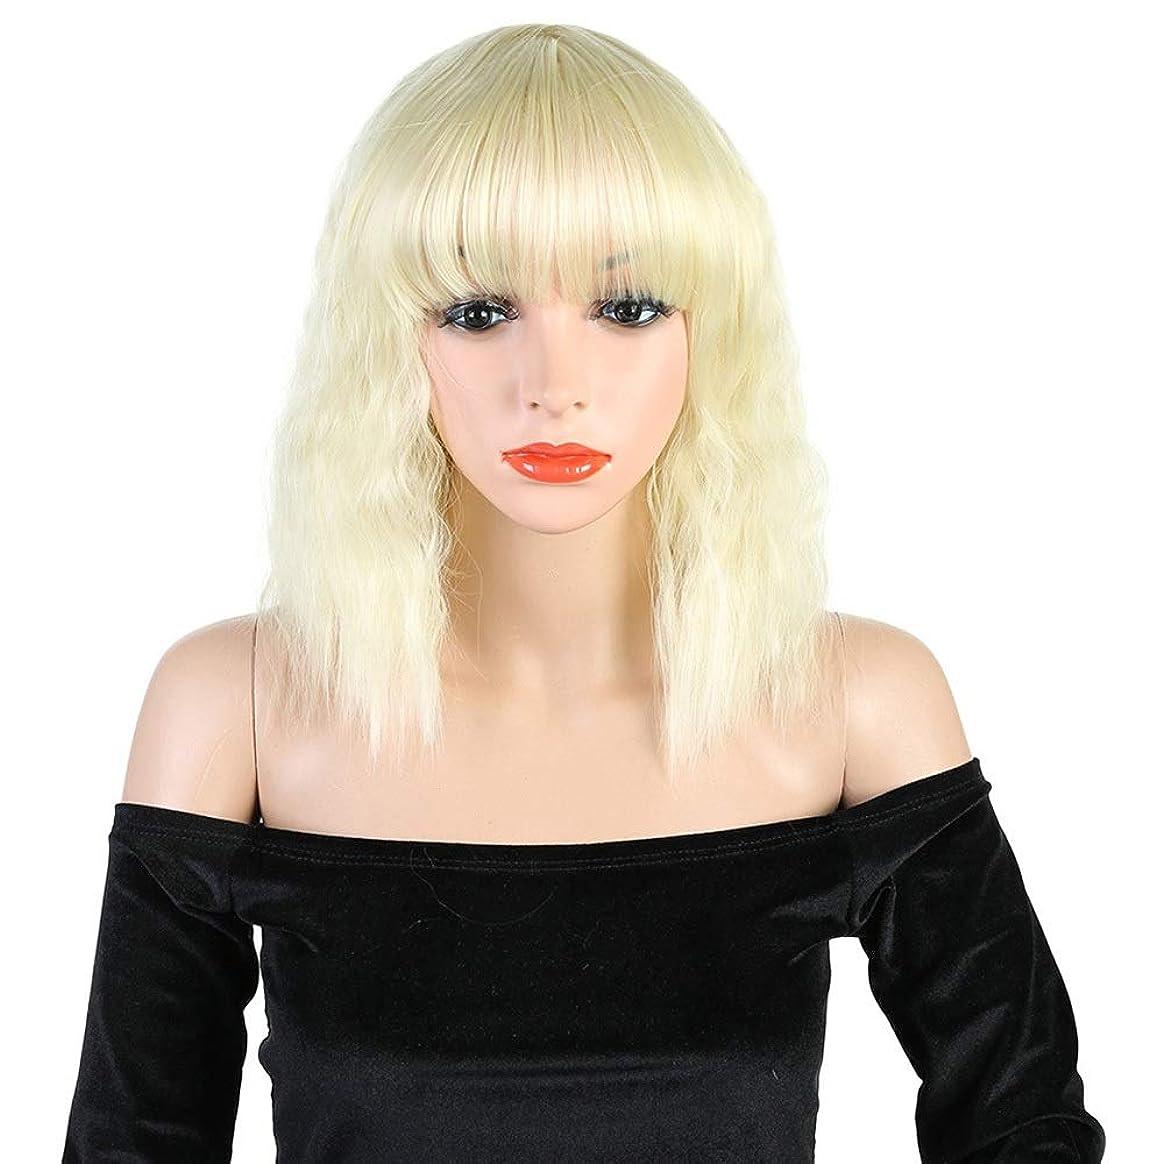 どこにでも排除センチメートルYAHONGOE 女性のためのボブウィッグ中央部オンブルブロンドかつらショートボブ髪かつら高品質14インチパーティーかつら (色 : Blonde)